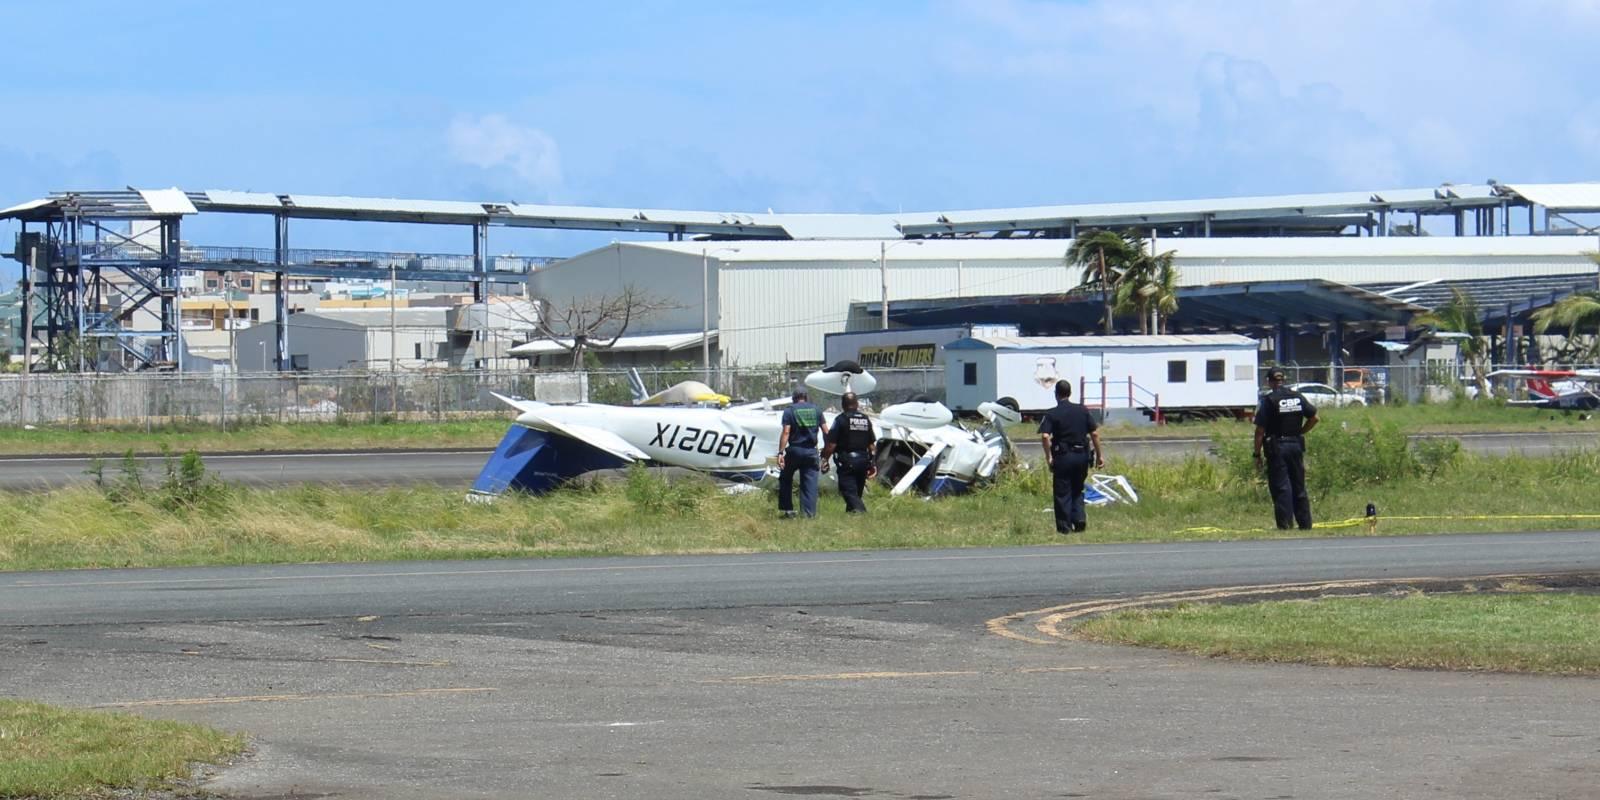 La avioneta Cessna de un motor se estrelló mientras aterrizaba en la pista del aeropuerto de Isla Grande. Foto: David Cordero Mercado